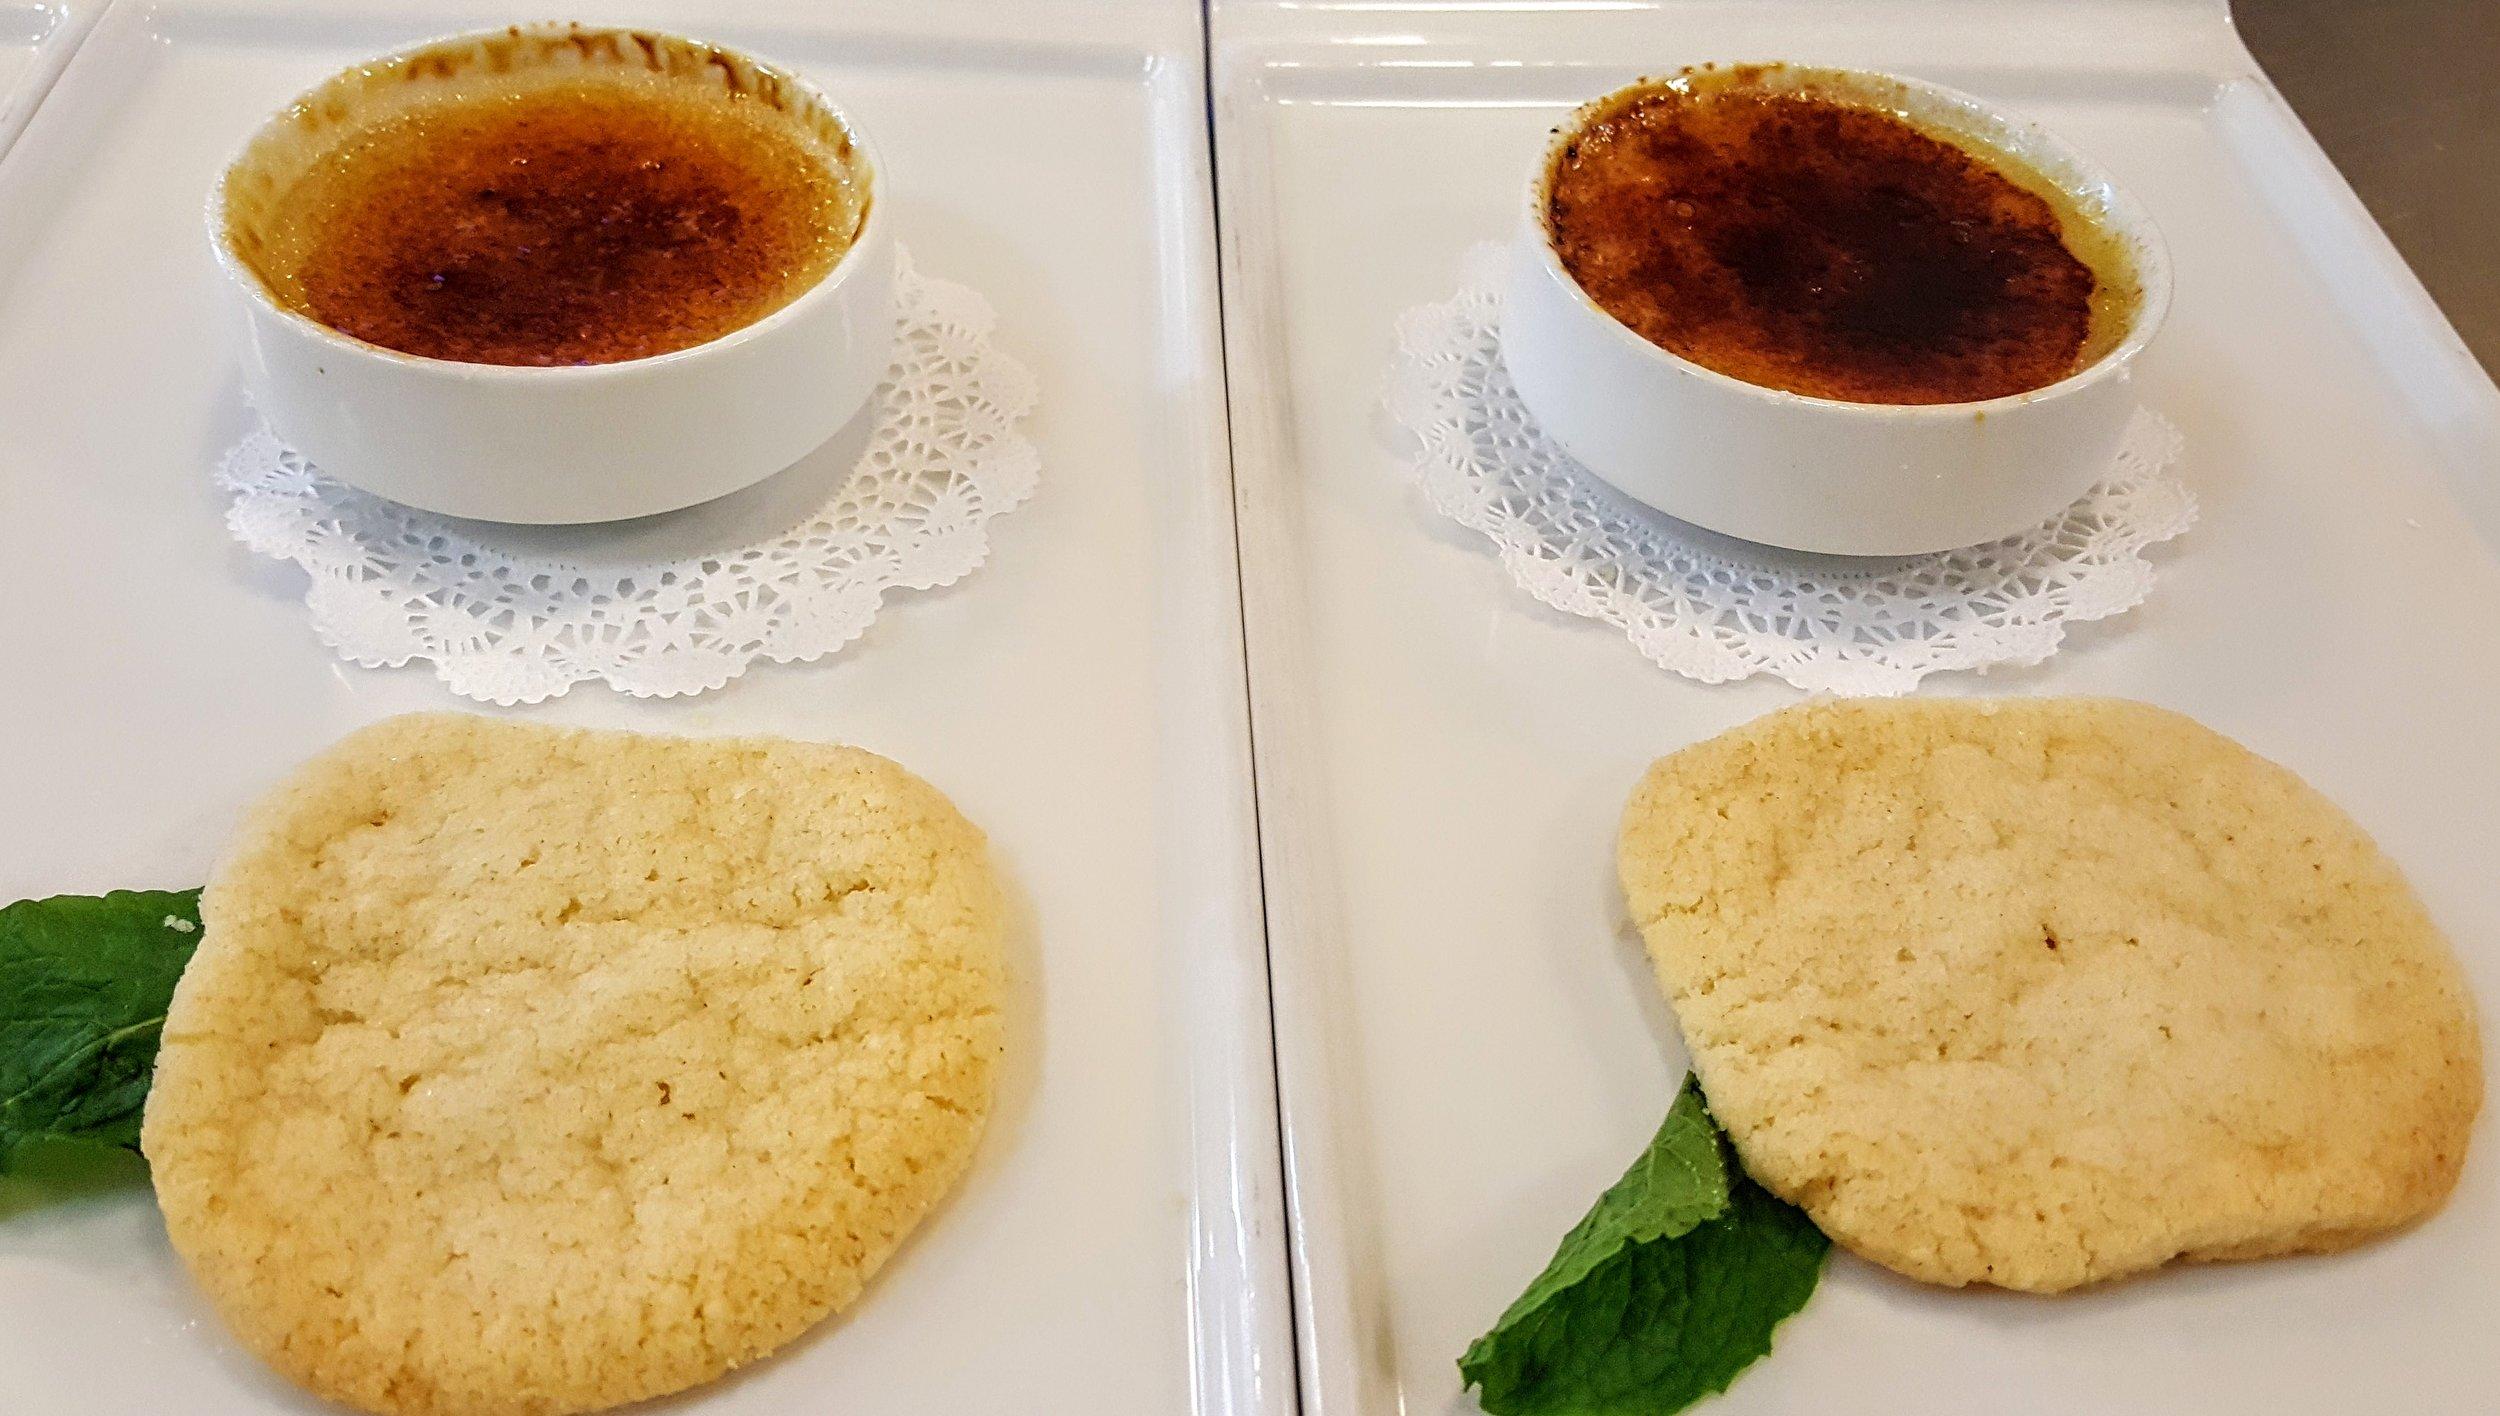 no 7 Brulee and sugar cookie.jpg